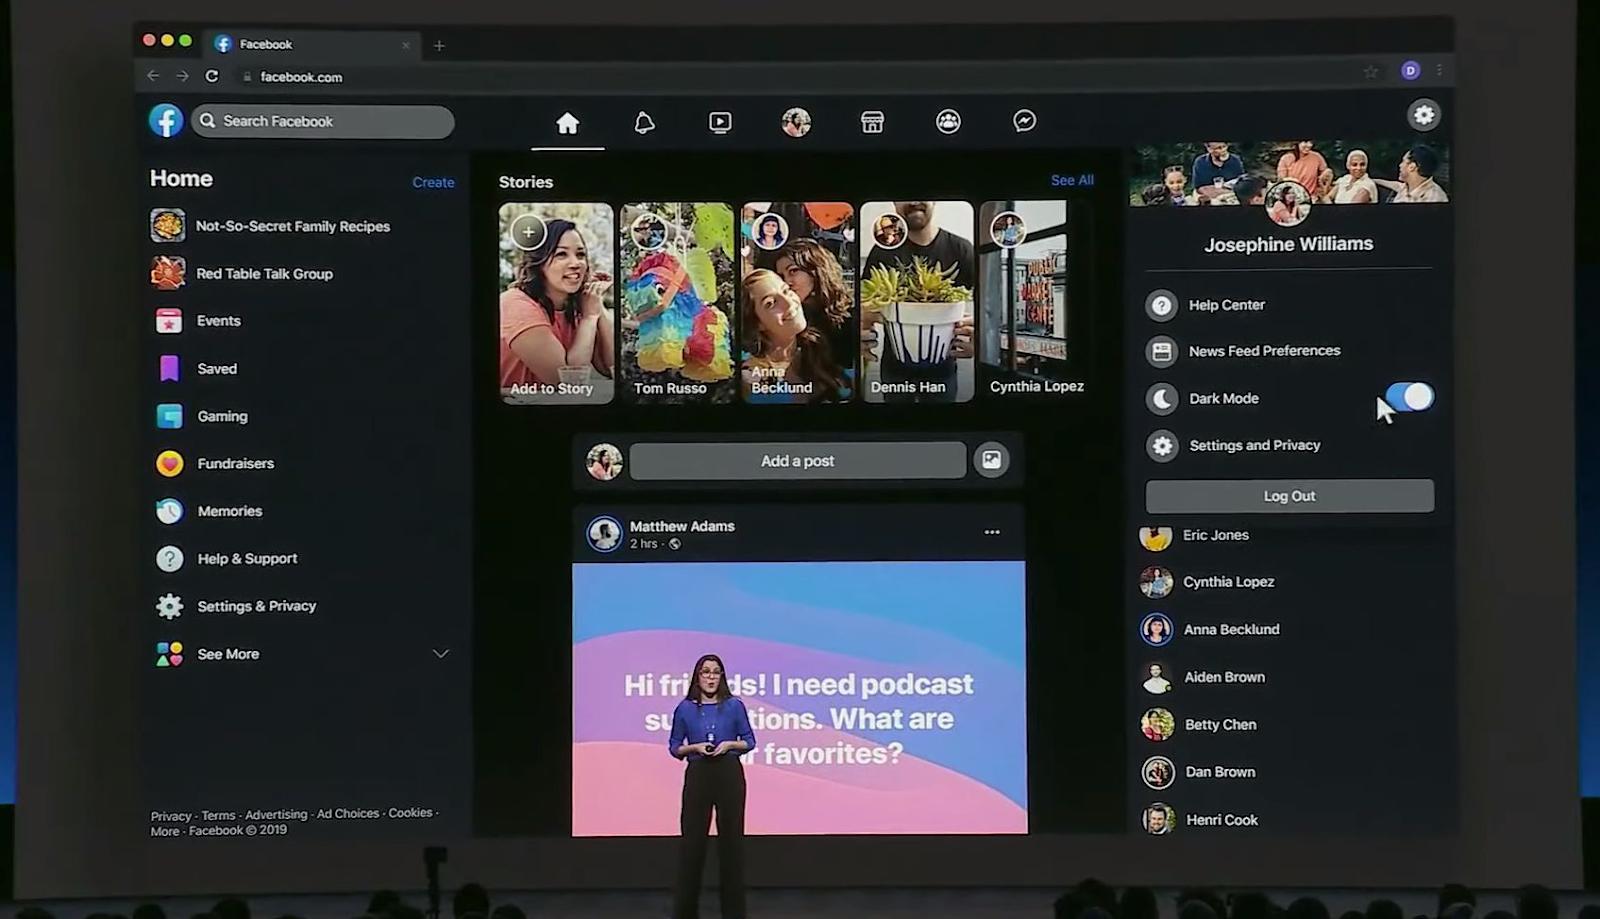 La nuova interfaccia Web di Facebook è in distribuzione globale